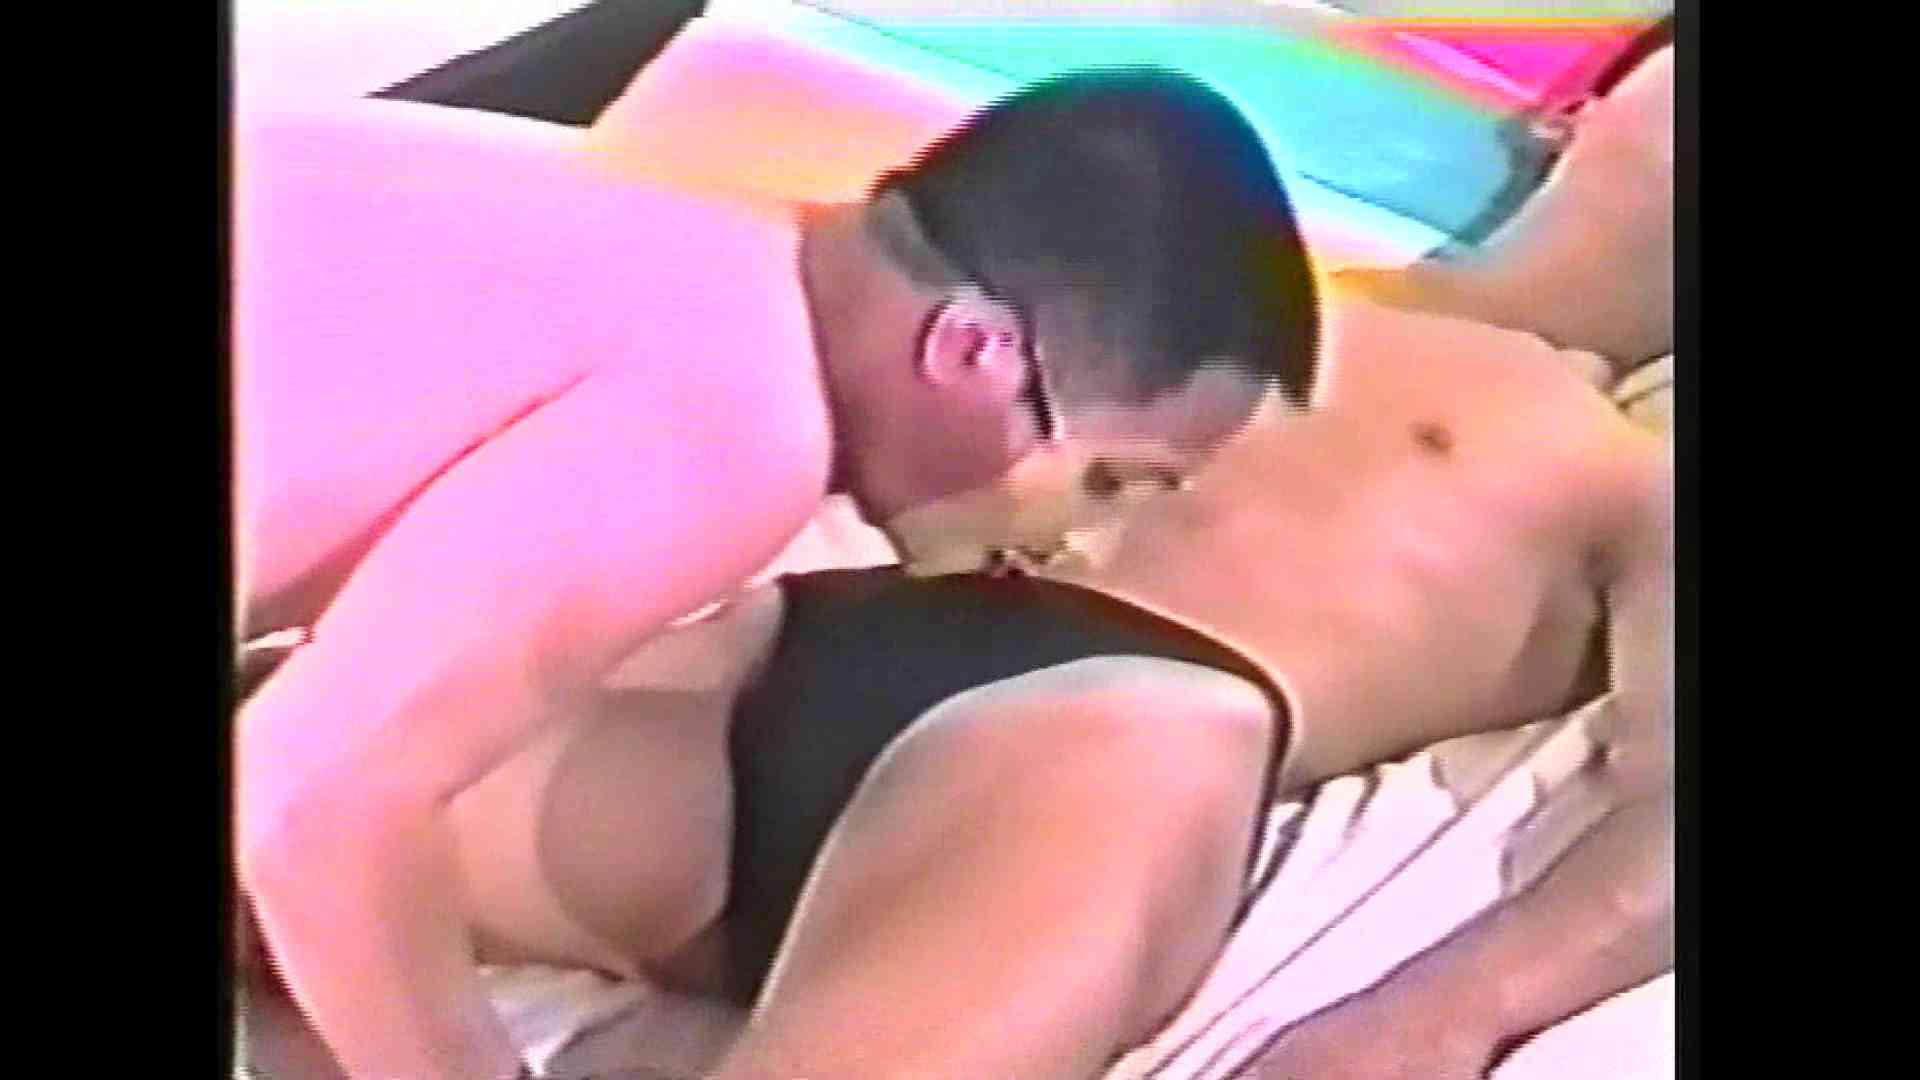 MADOKAさんのズリネタコレクションVol.11-1 ゲイマニア  26連発 8